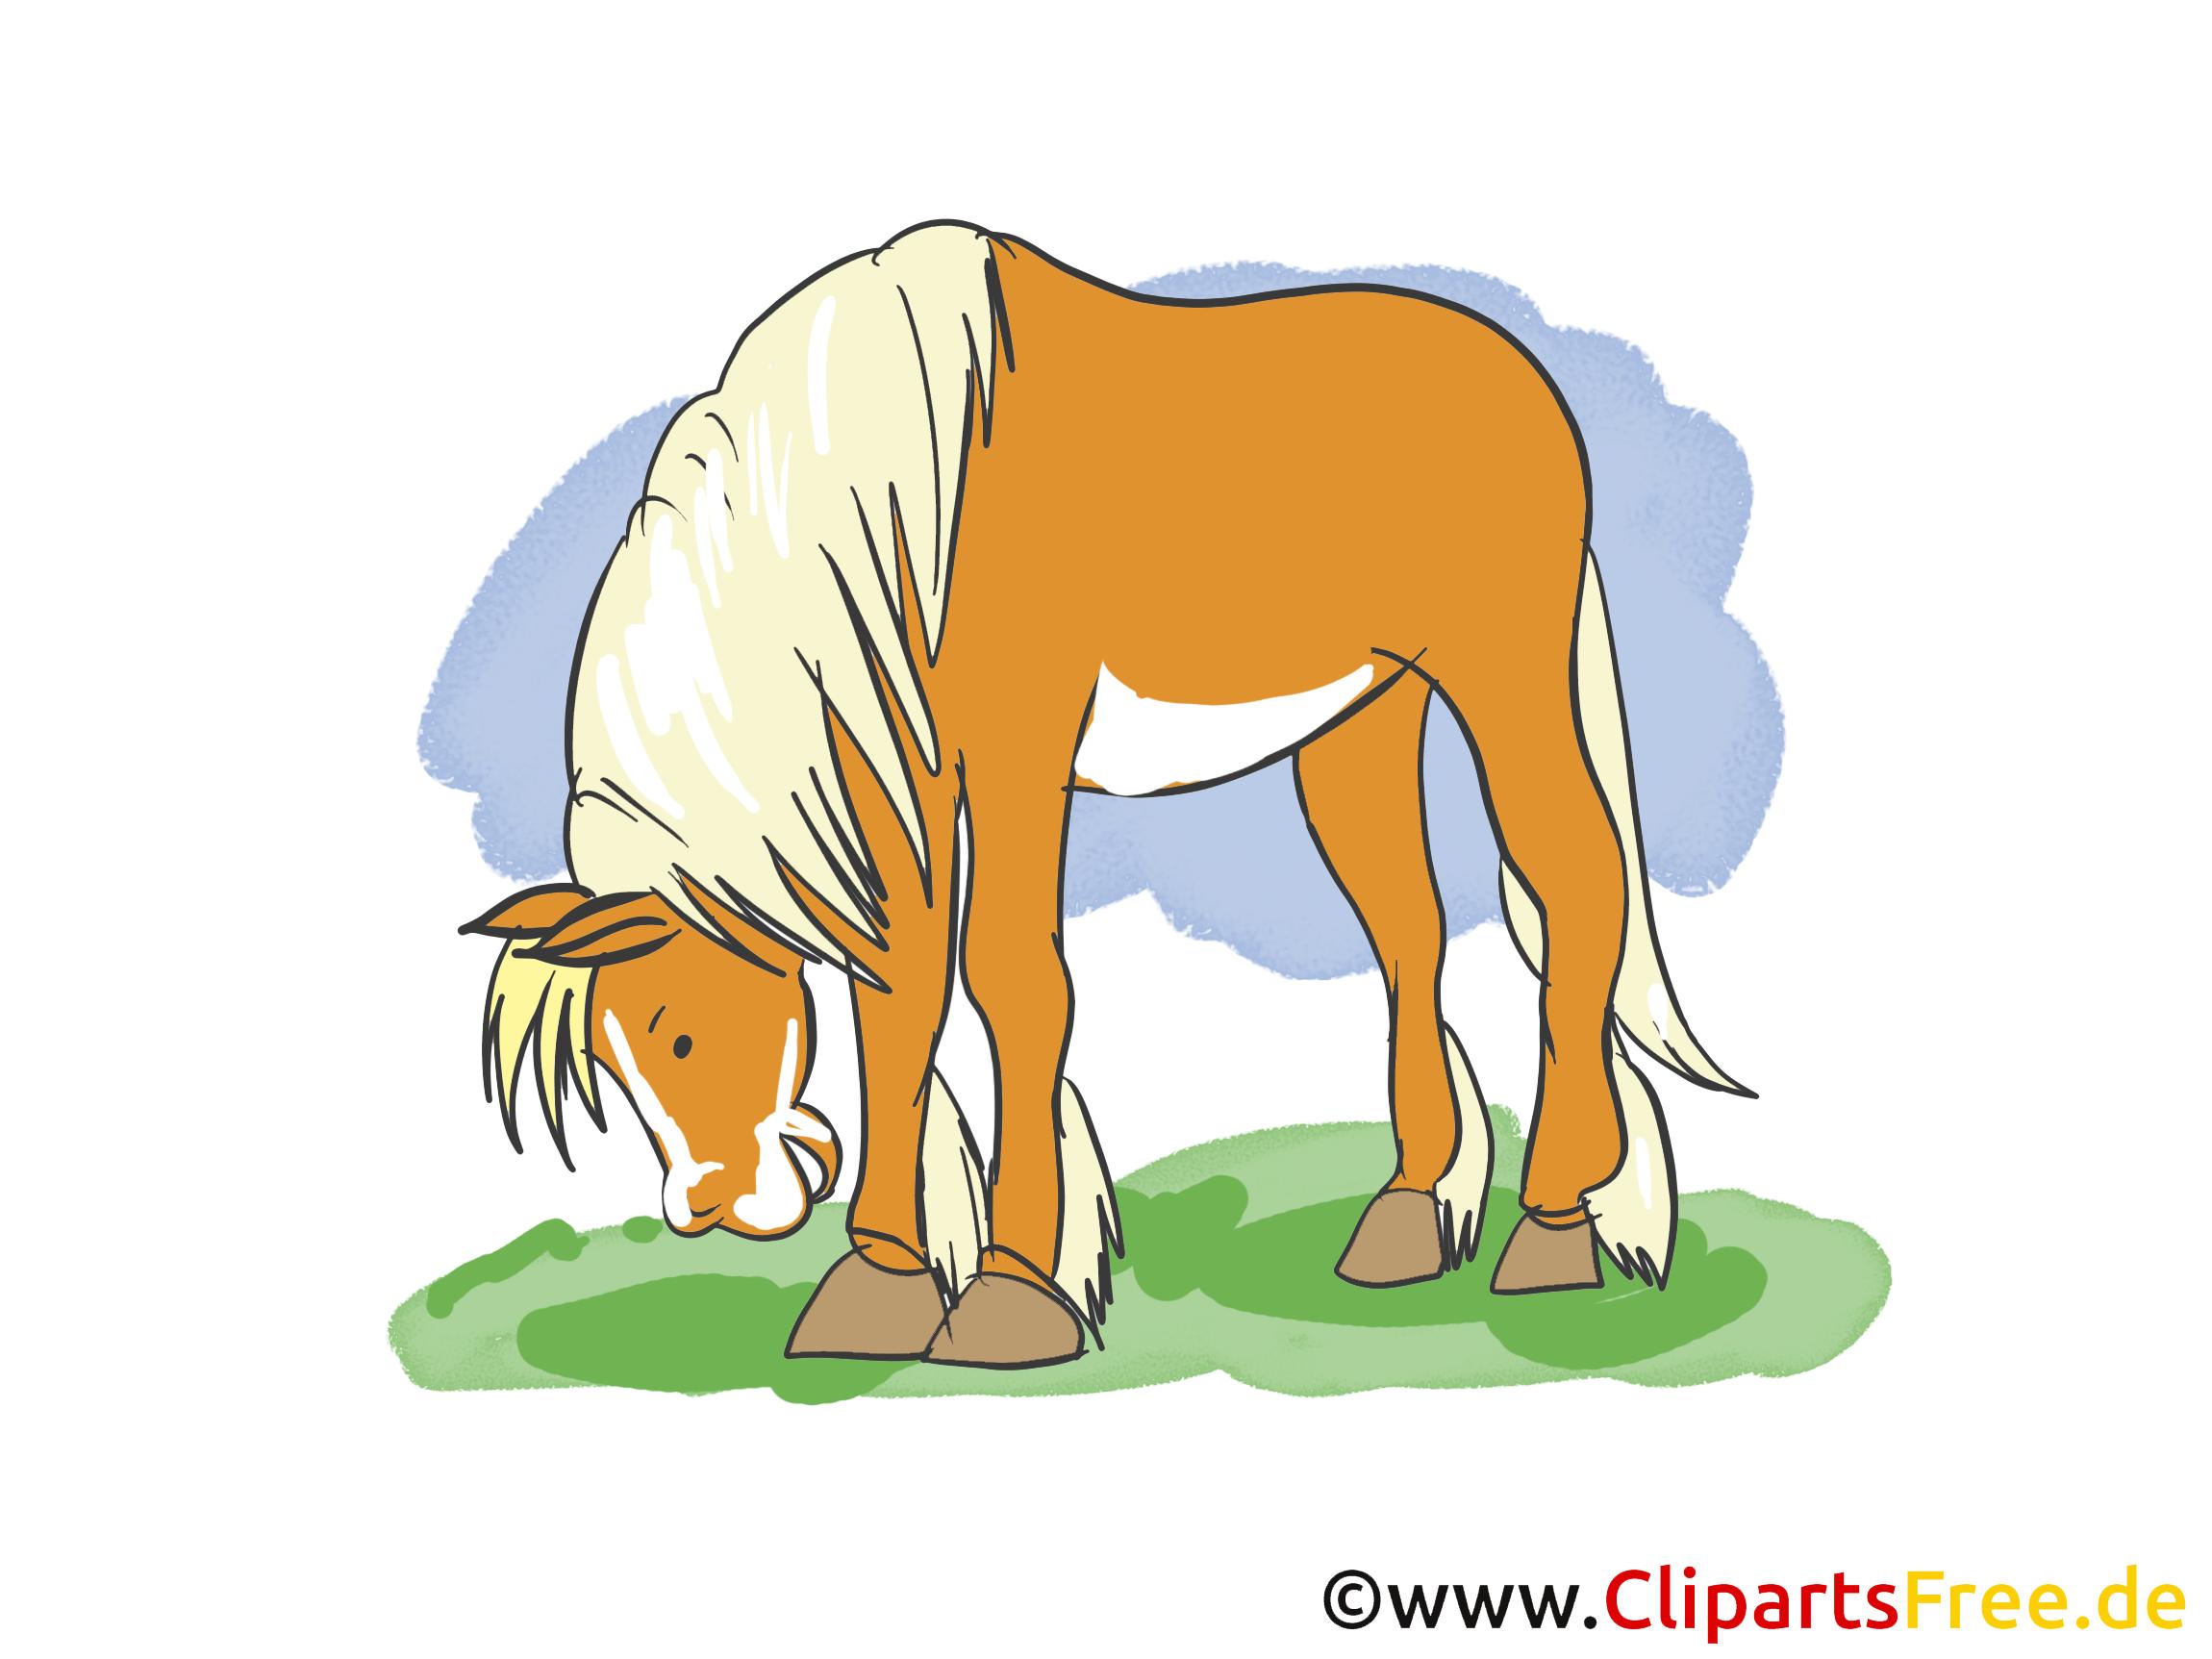 Clipart Cheval Gratuit clipart cheval dessins gratuits - chevaux dessin, picture, image